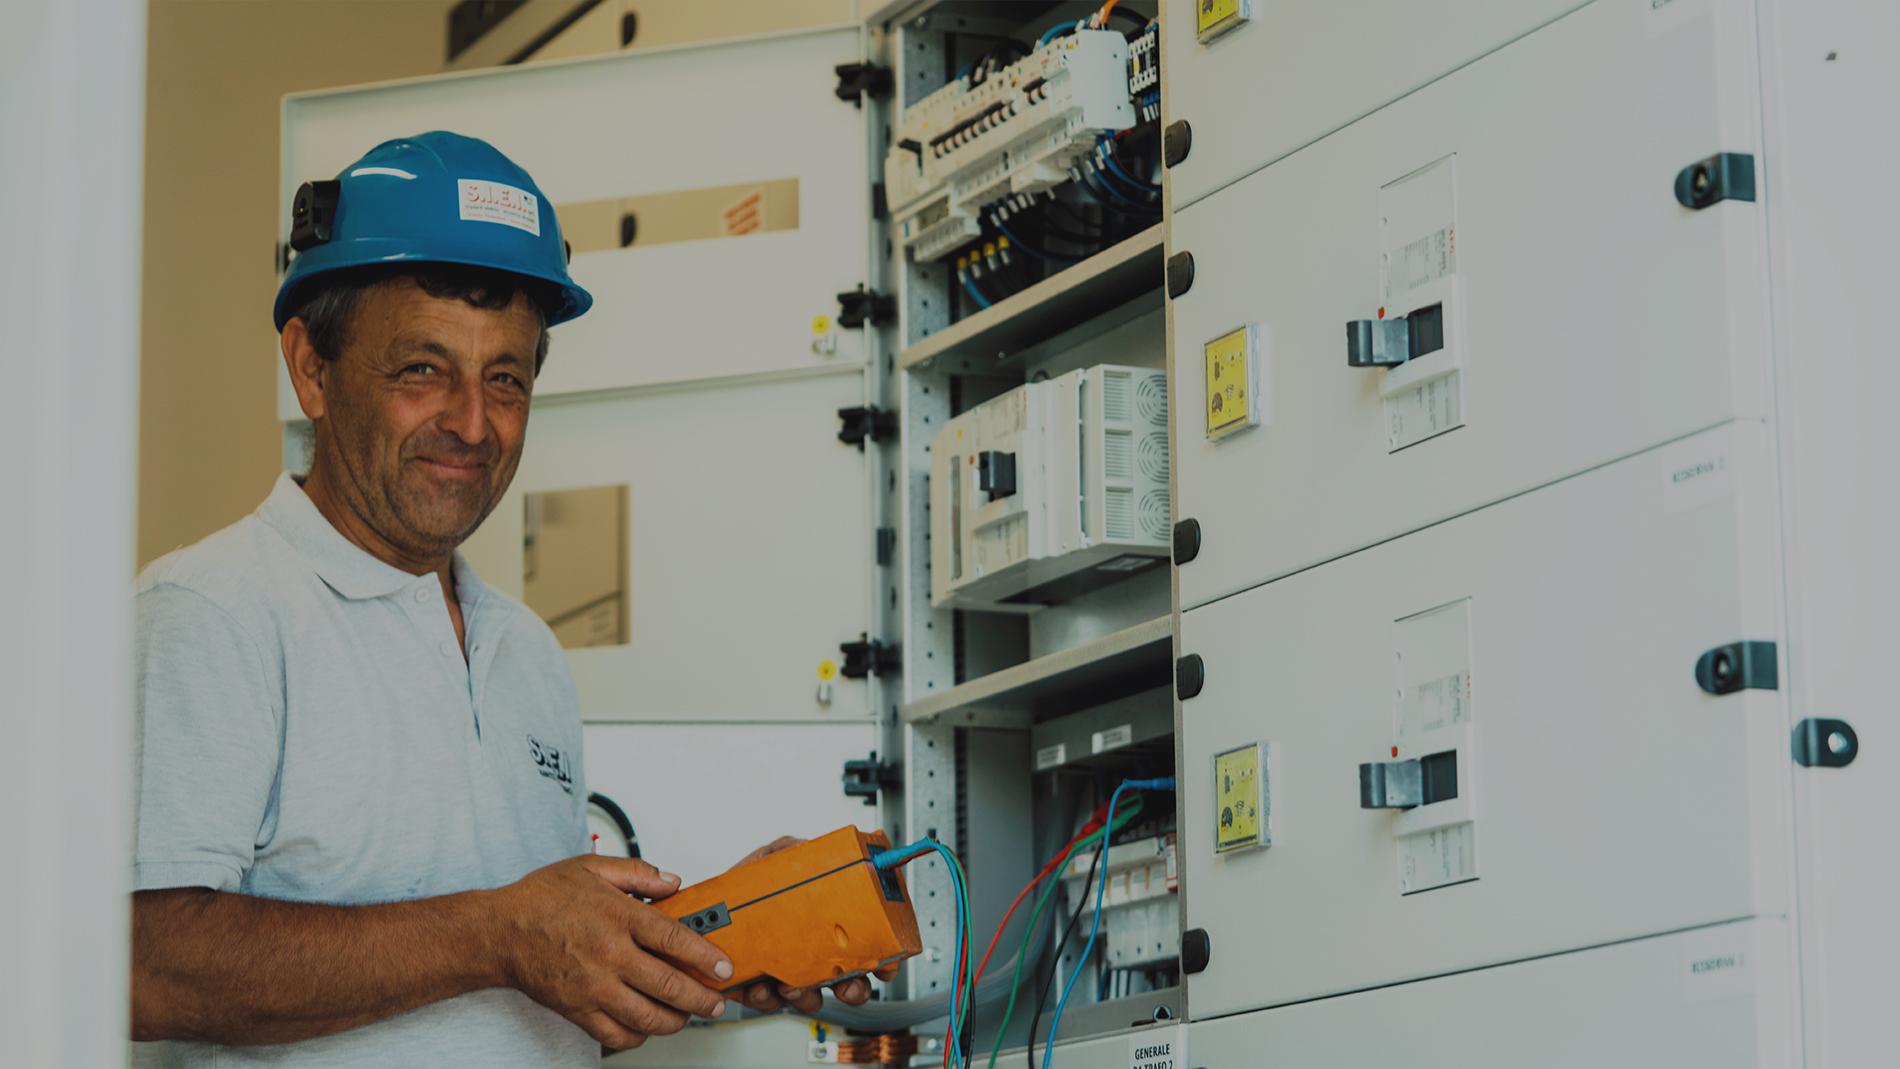 siei-realizzazione-impianti elettrici industriali-1